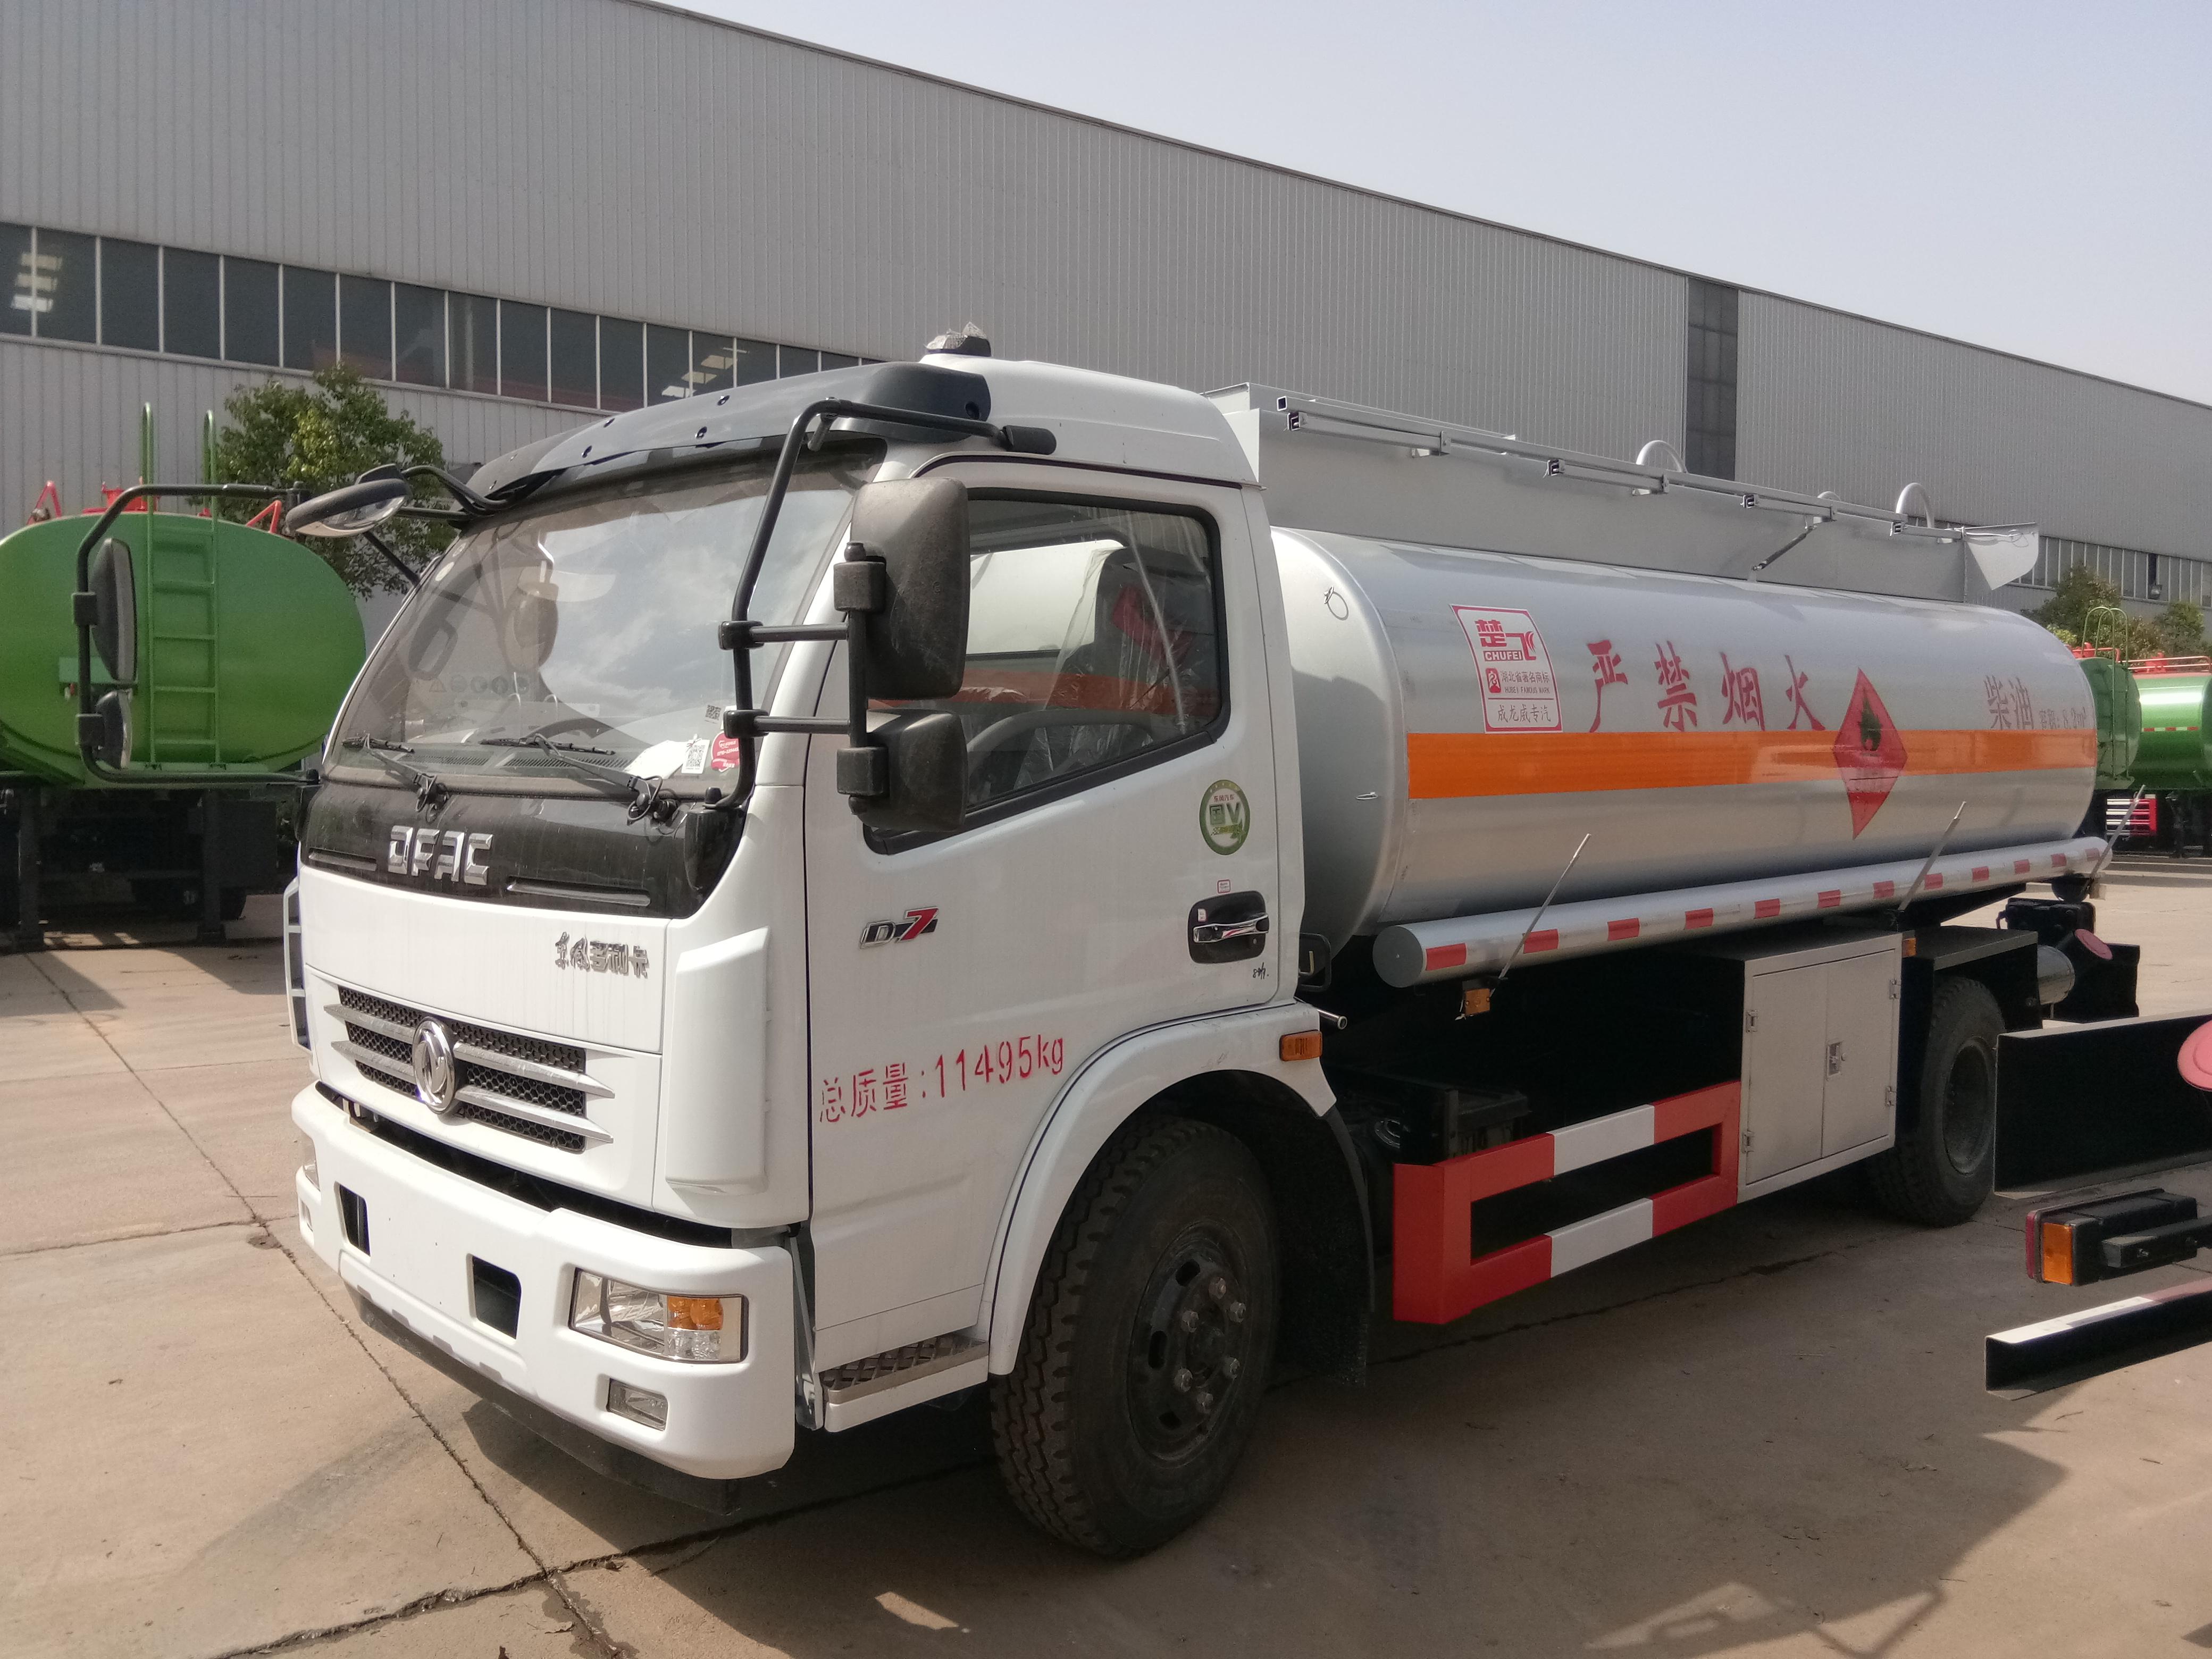 8吨加油车    8吨东风多利卡加油车    8吨加油车厂家直销    8吨加油车价格